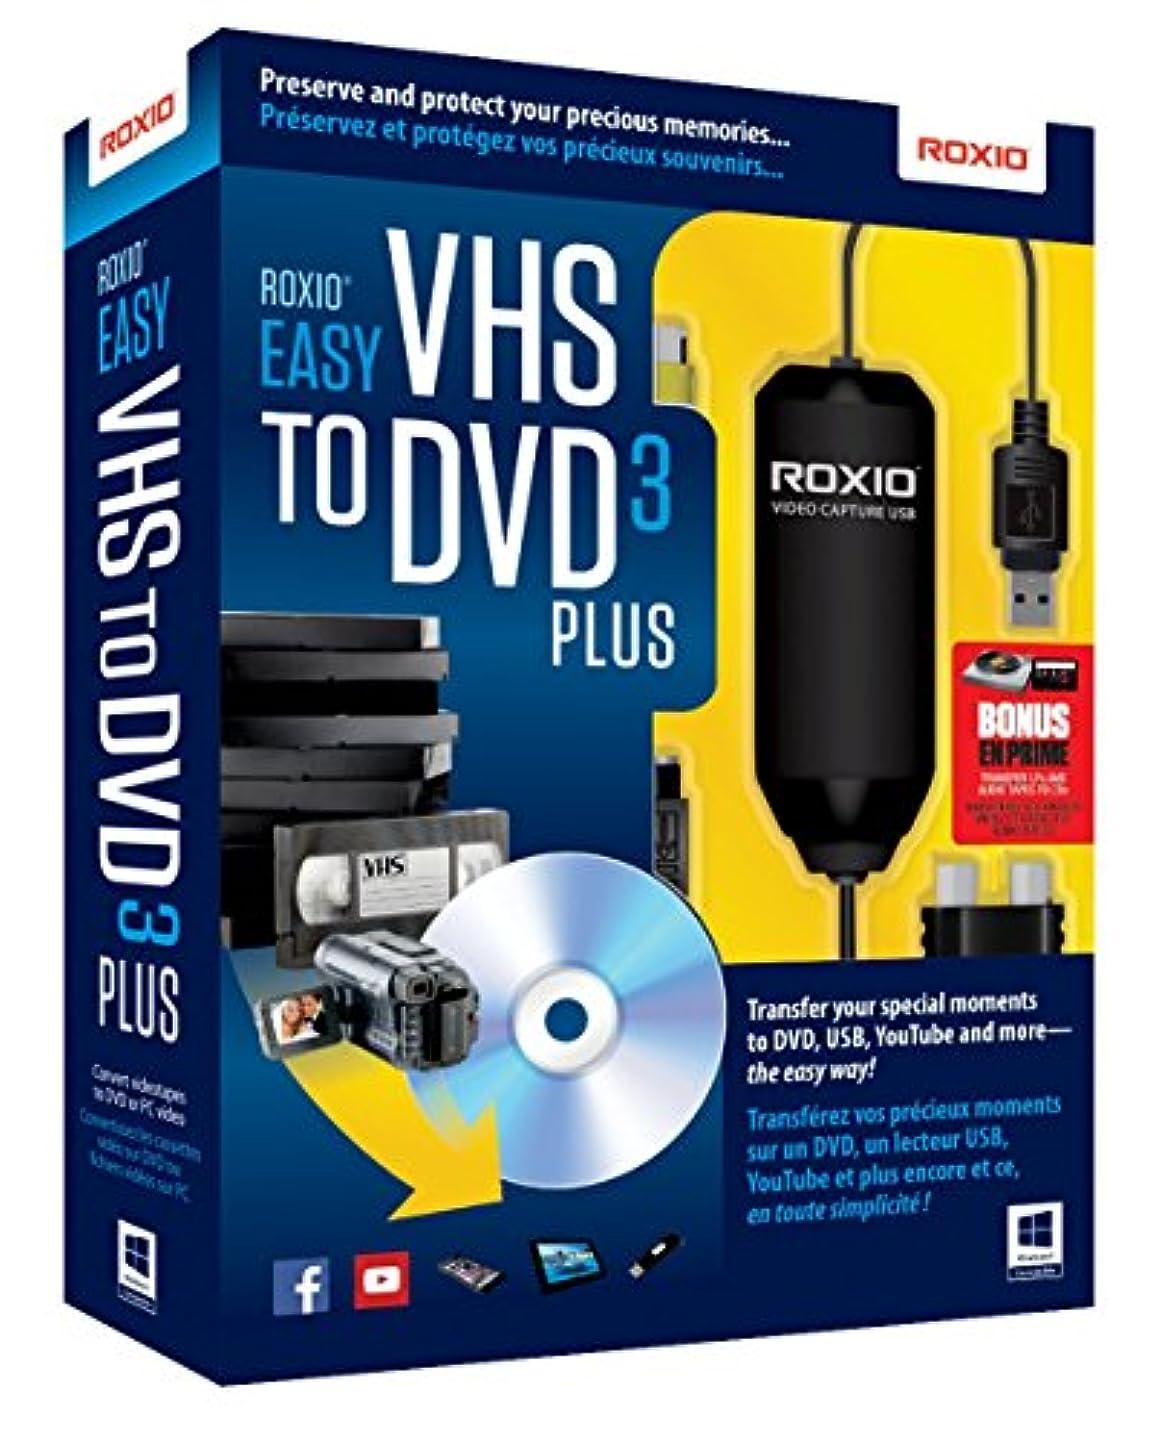 偏心フルート友だち簡単にVHSをDVDへ変換★Roxio社 Easy VHS to DVD Plus  ( v. 3 ) 英語版【並行輸入】